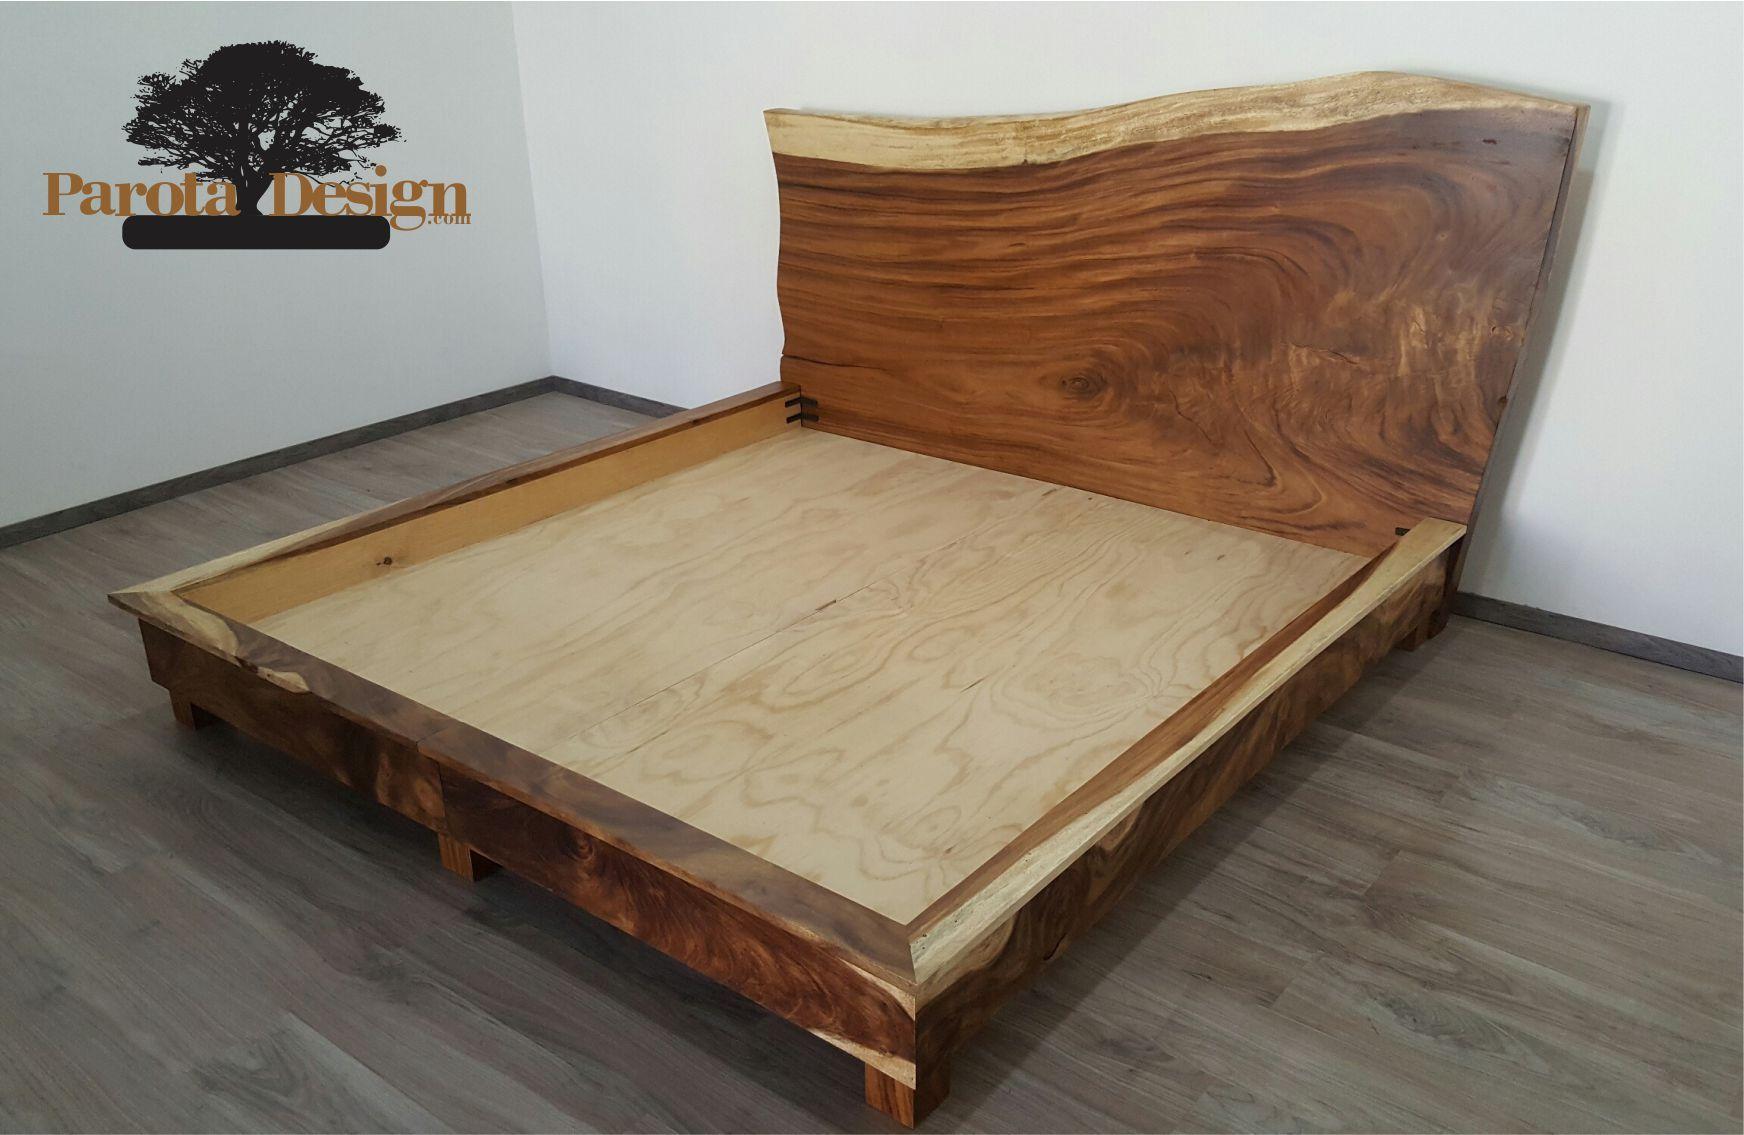 Cama de parota king size cabecera de madera de parota for Cama king size de madera